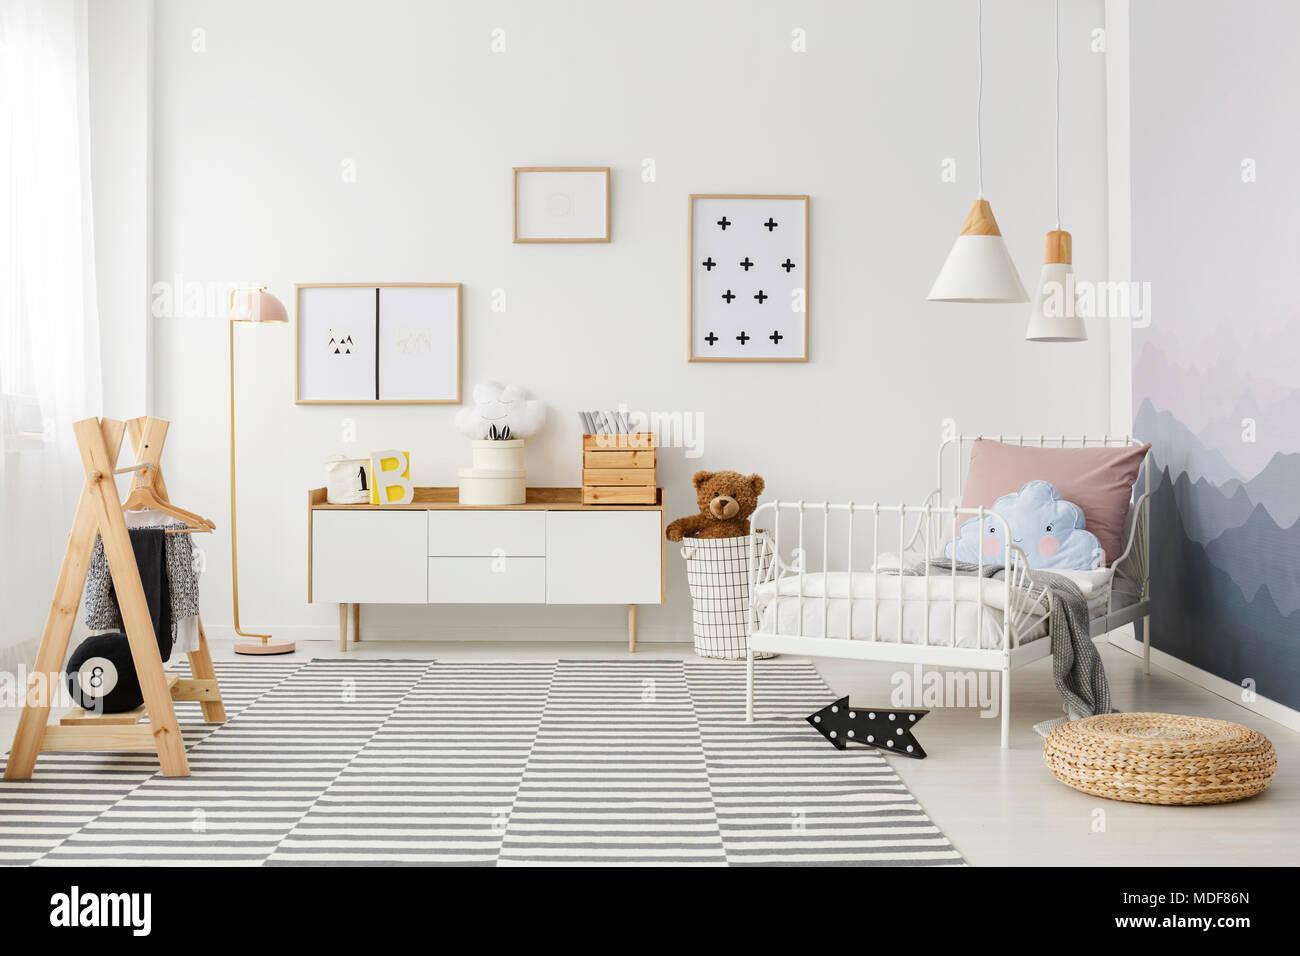 Großartig Kinderzimmer Bett Foto Von Einfache Poster An Der Wand Hängen In